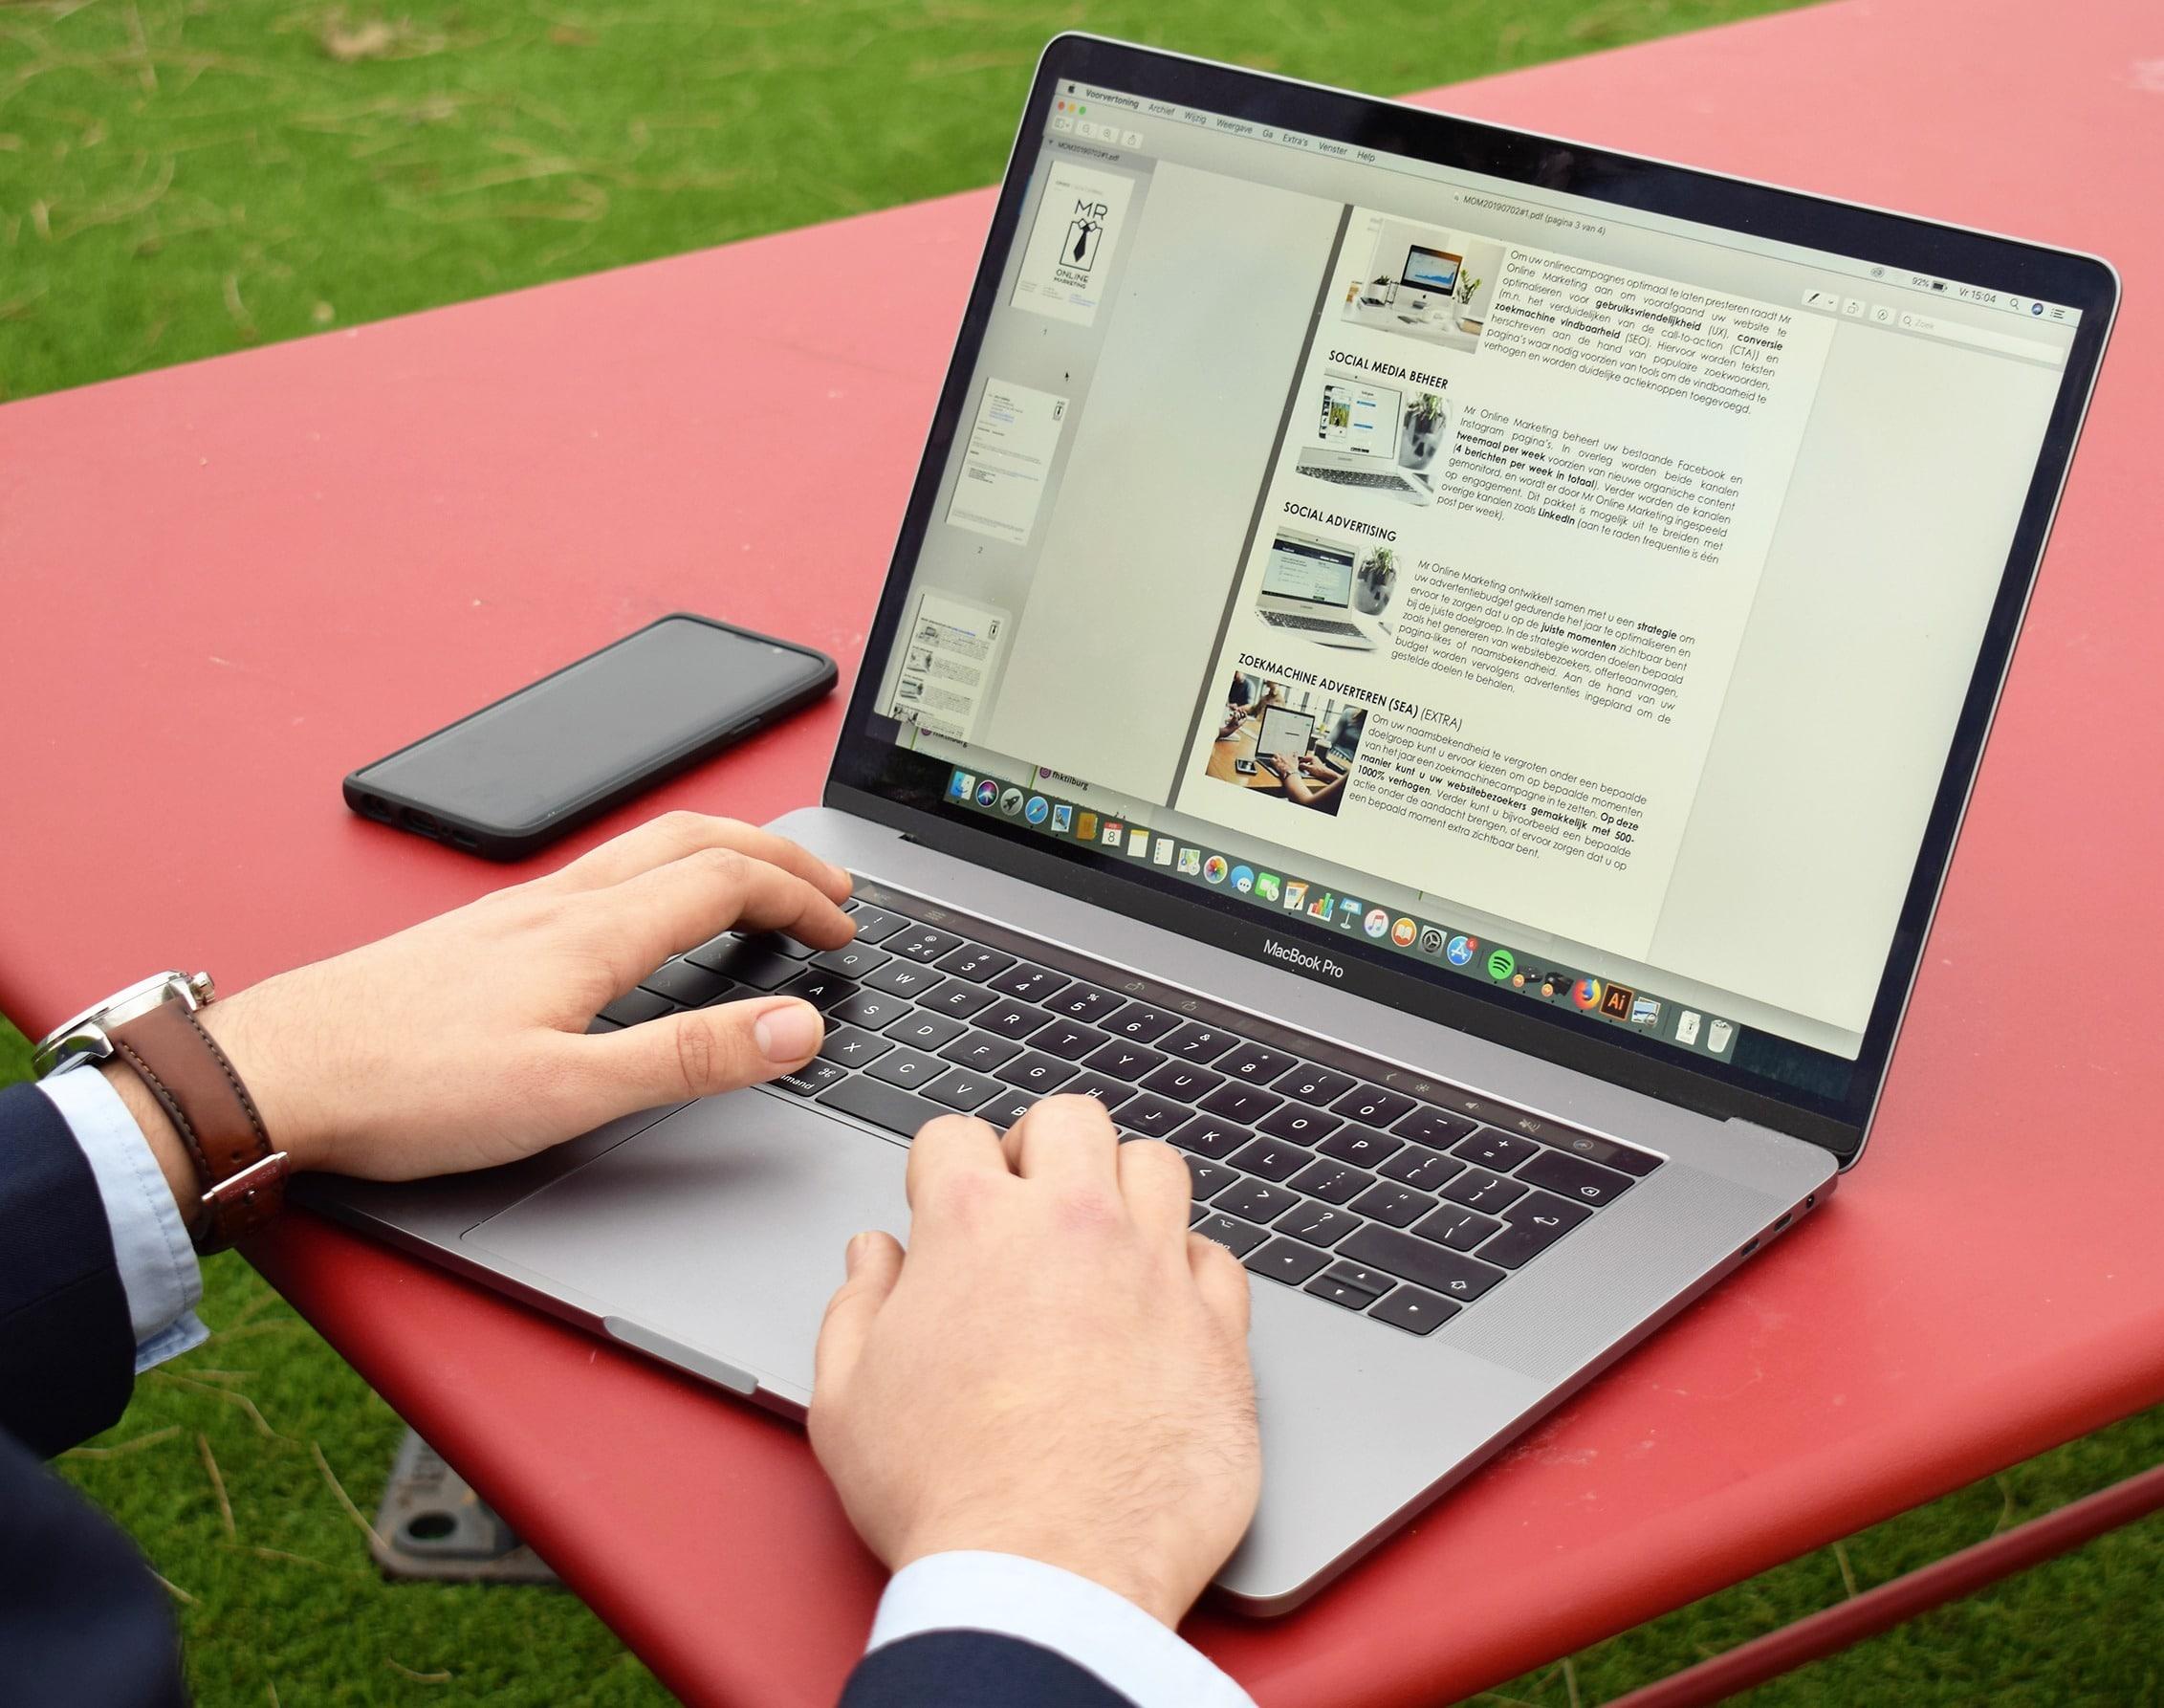 Mr Online Marketing werkt dat en nacht om de beste resultaten te behalen voor jouw bedrijf